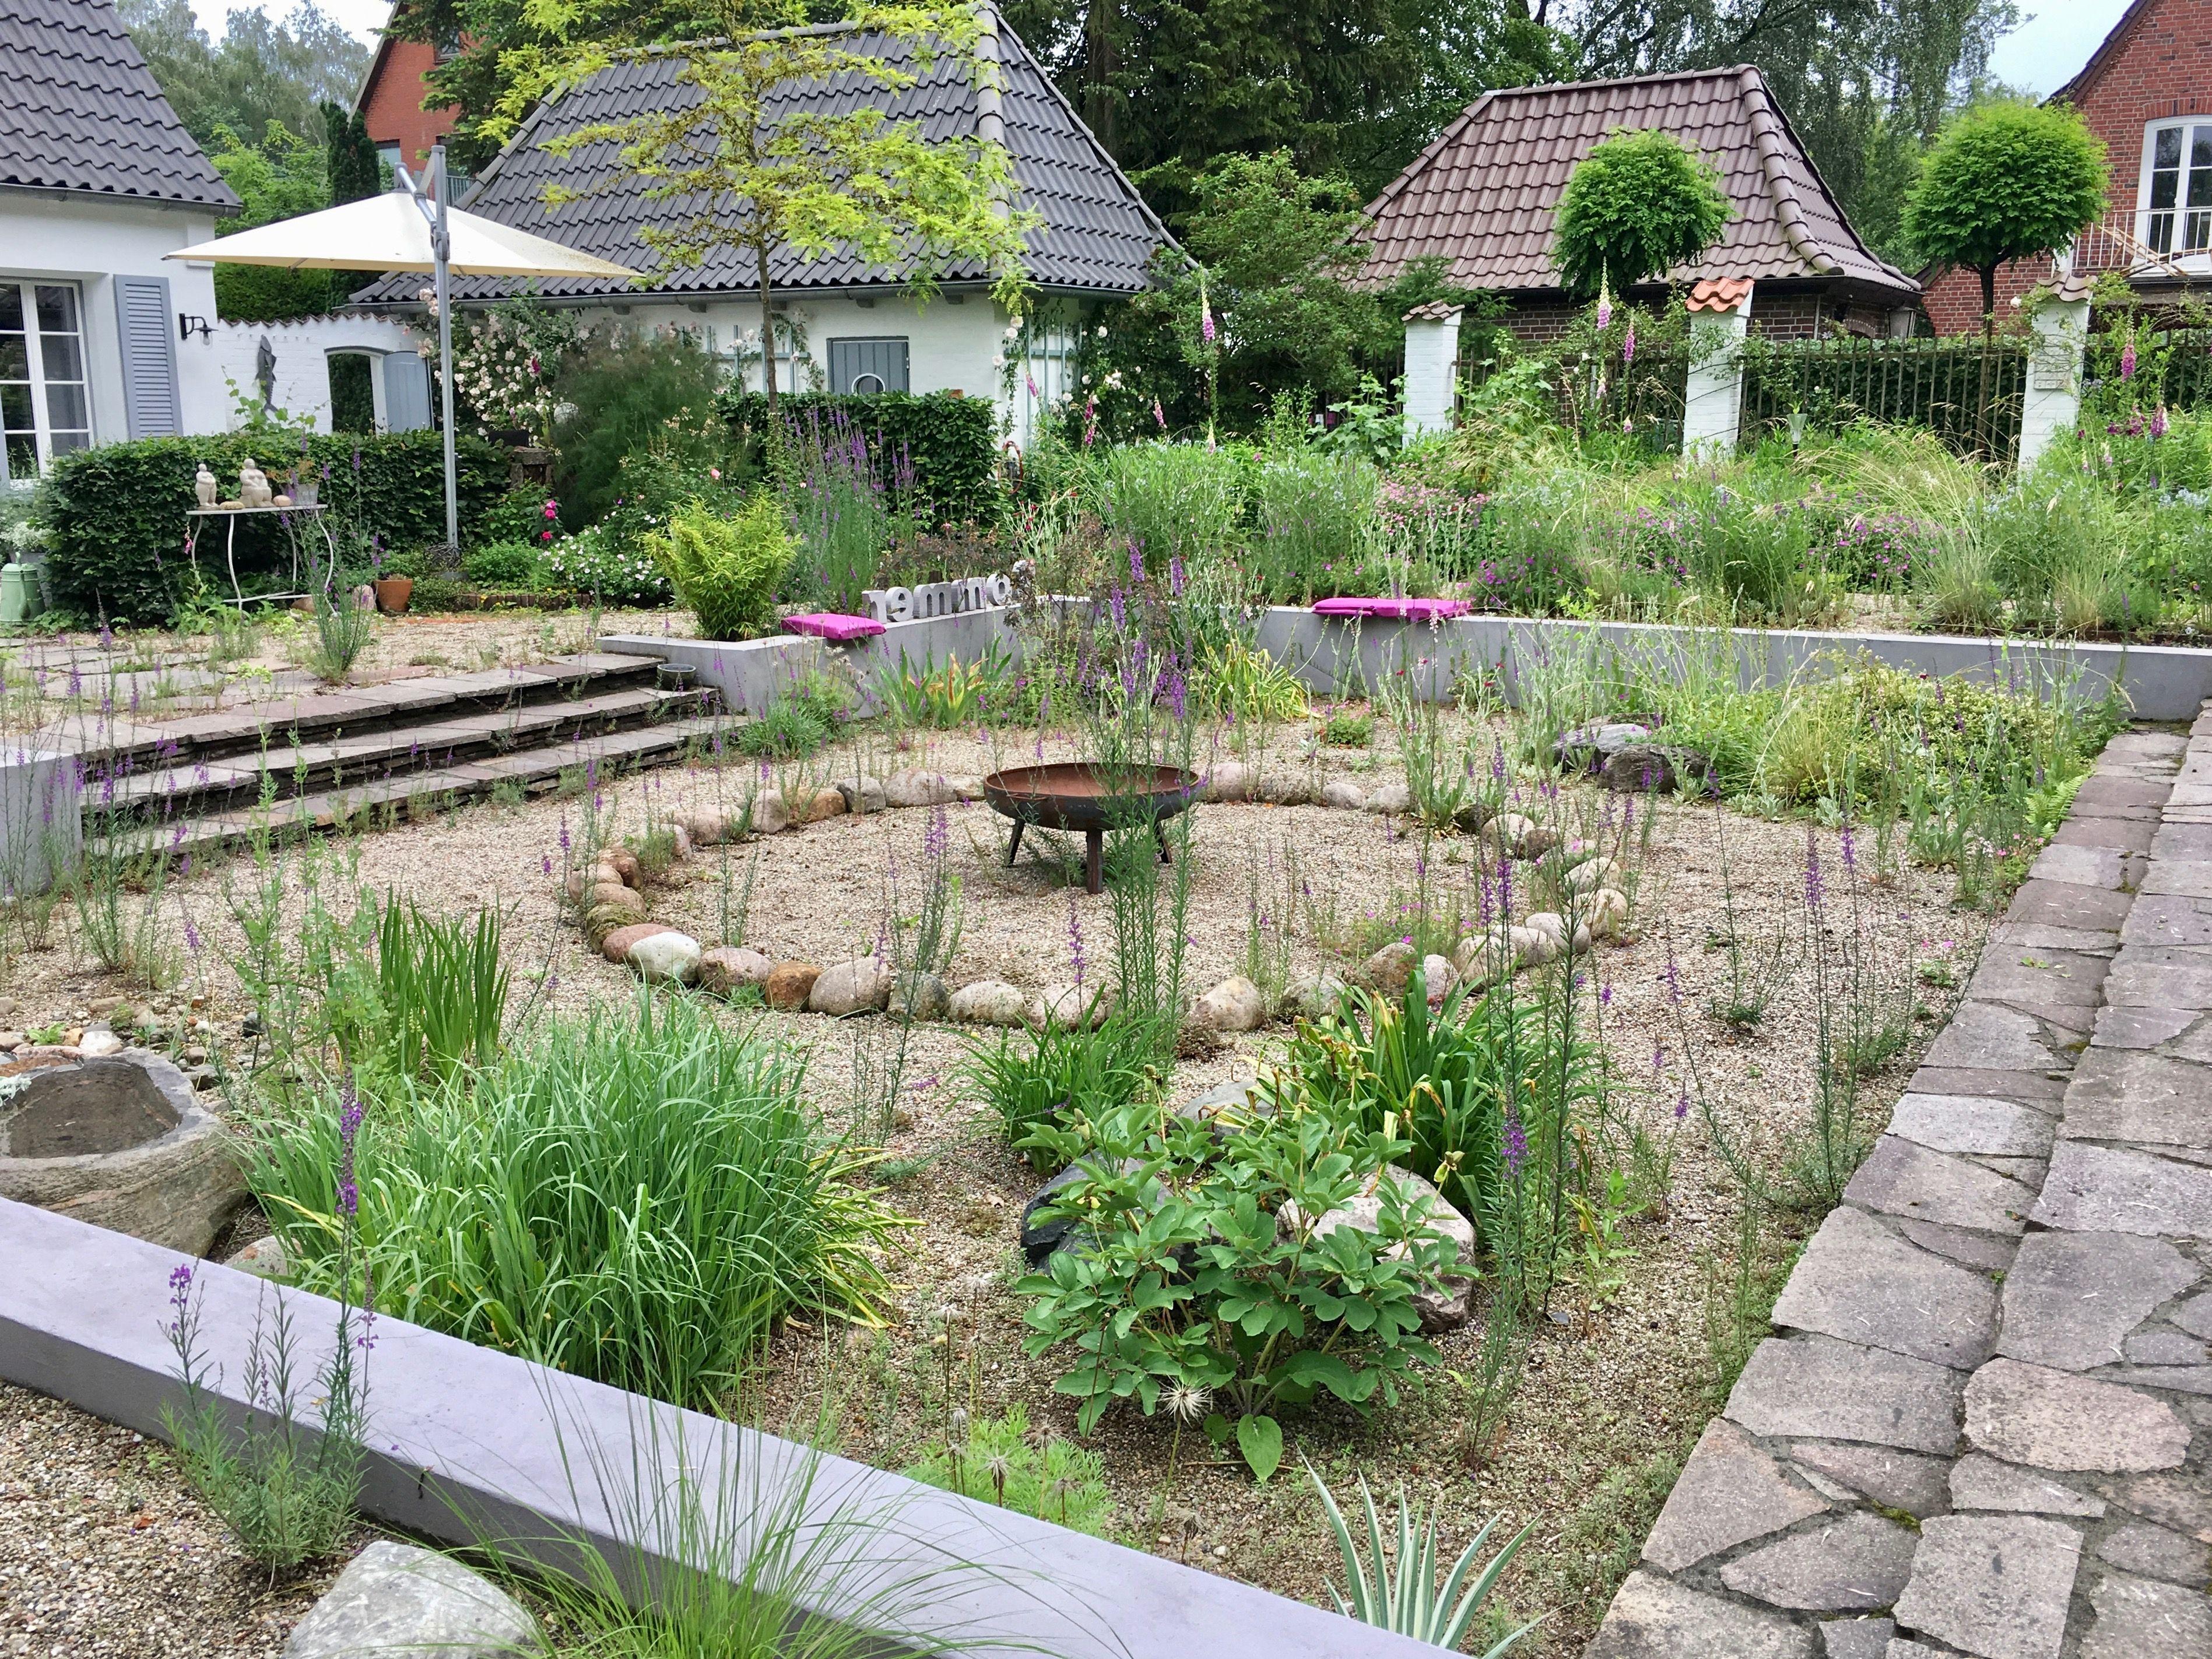 Dieser Sonniger Senkgarten Ladt Auf Vielfache Art Und Weise Zum Verweilen Ein Sonnenliebende Stauden Sorgen Fur Lebend Garten Gartengestaltung Licht Im Garten